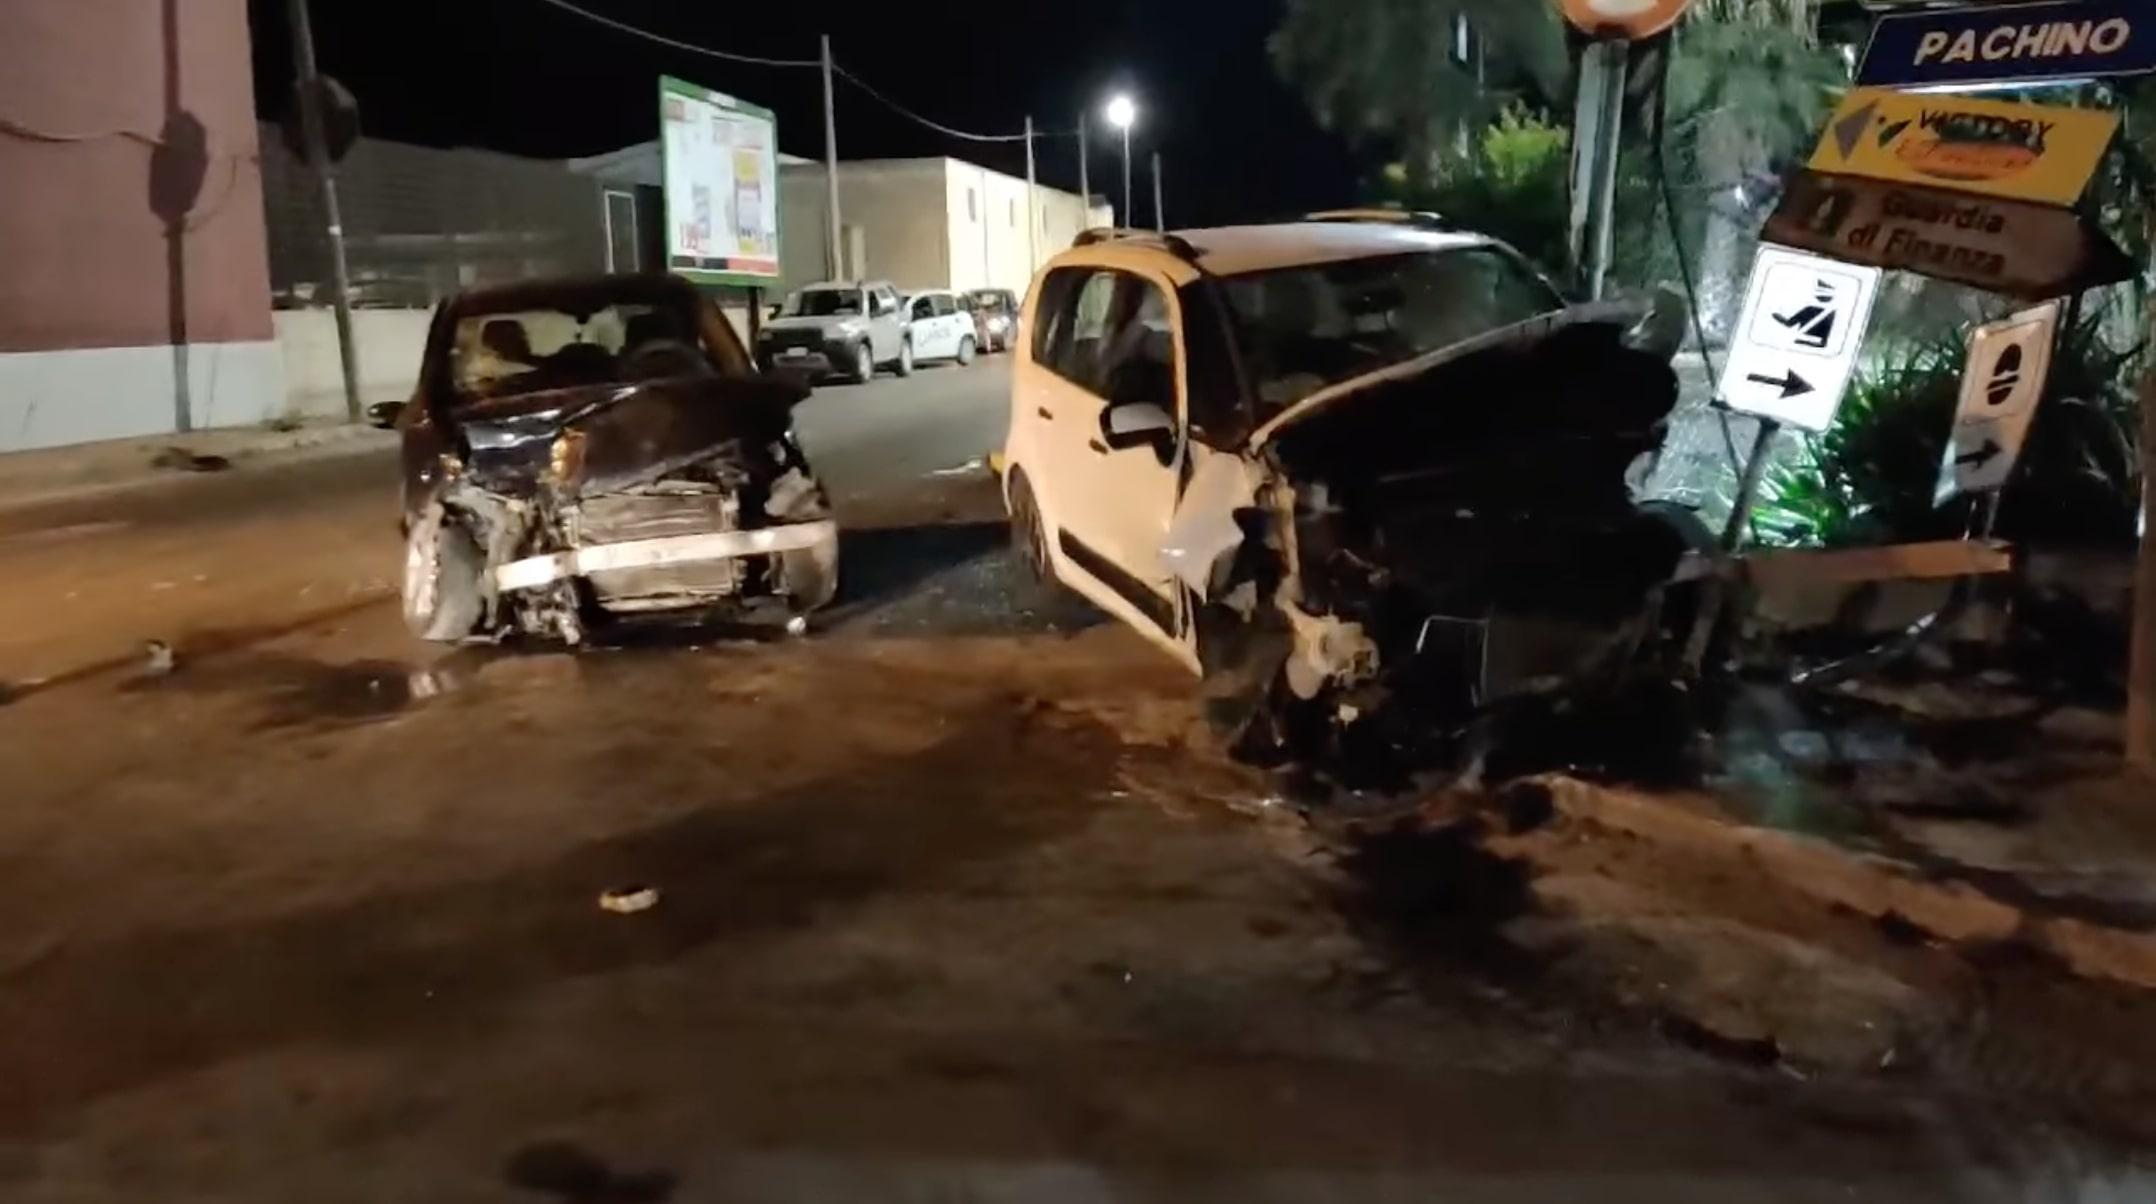 Violento incidente a Pachino, neonata vola dall'auto e finisce su un cancello: 5 feriti, due mezzi coinvolti – Le FOTO